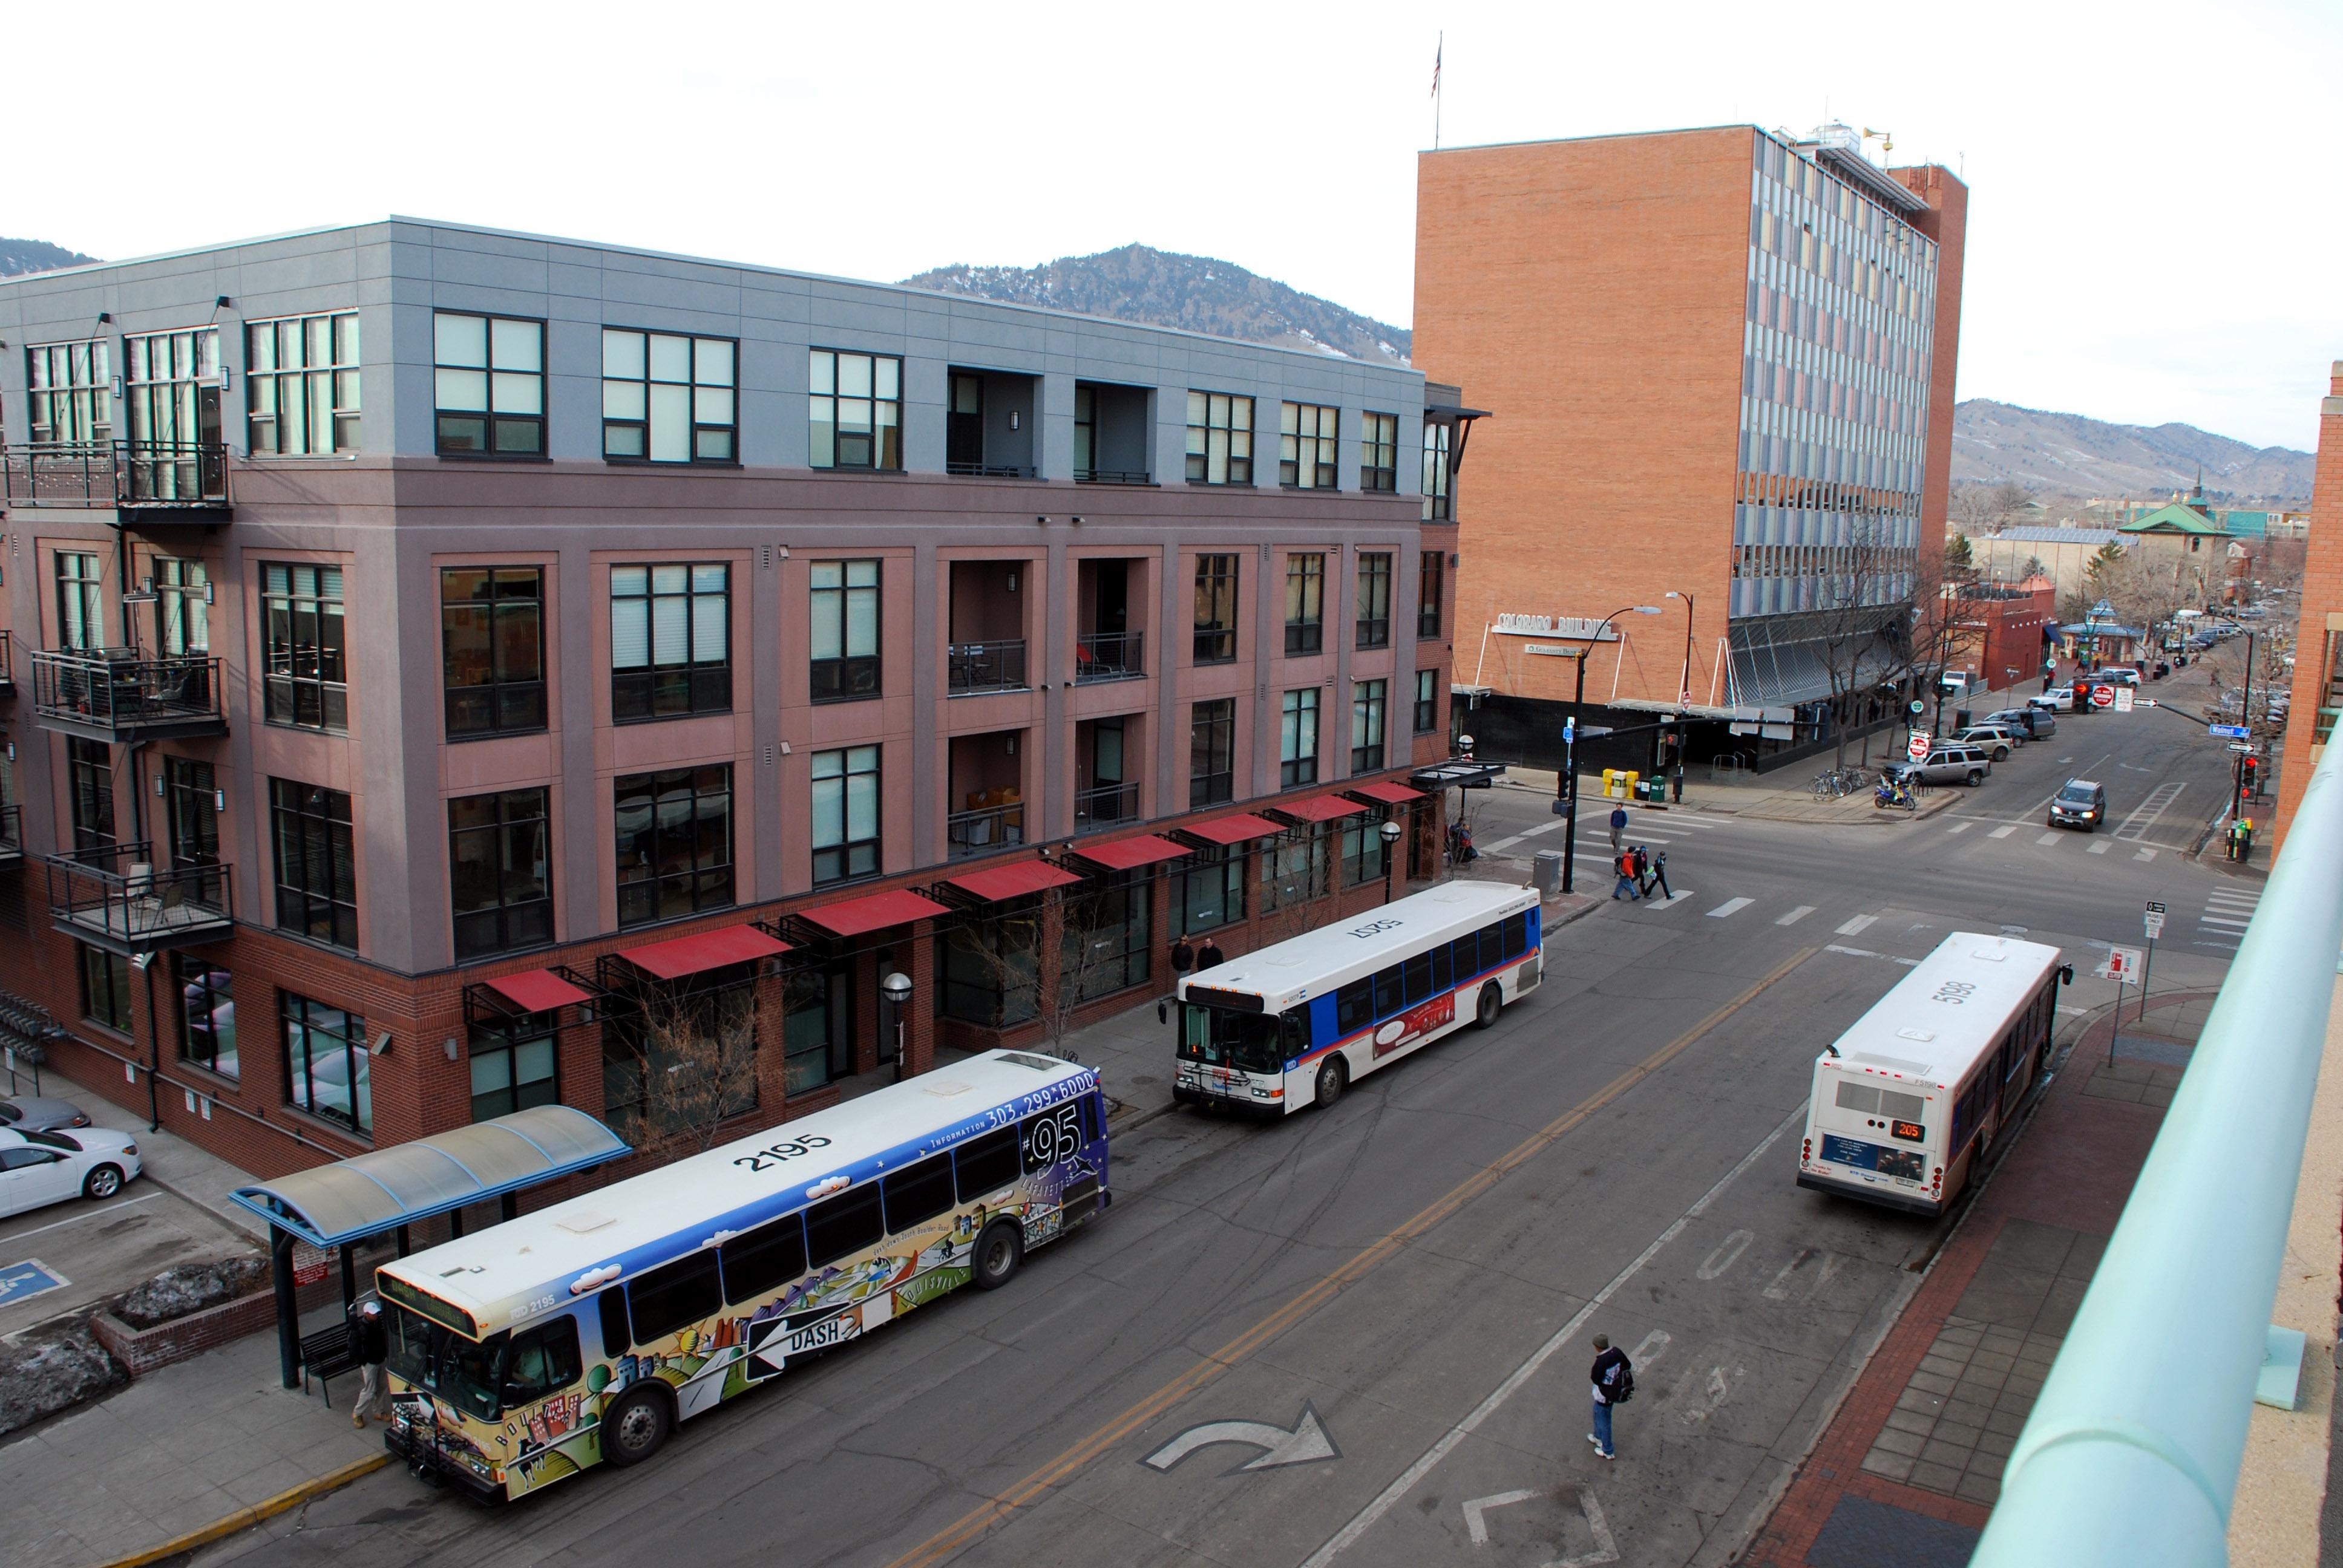 City of Boulder Transit Service Delivery Study